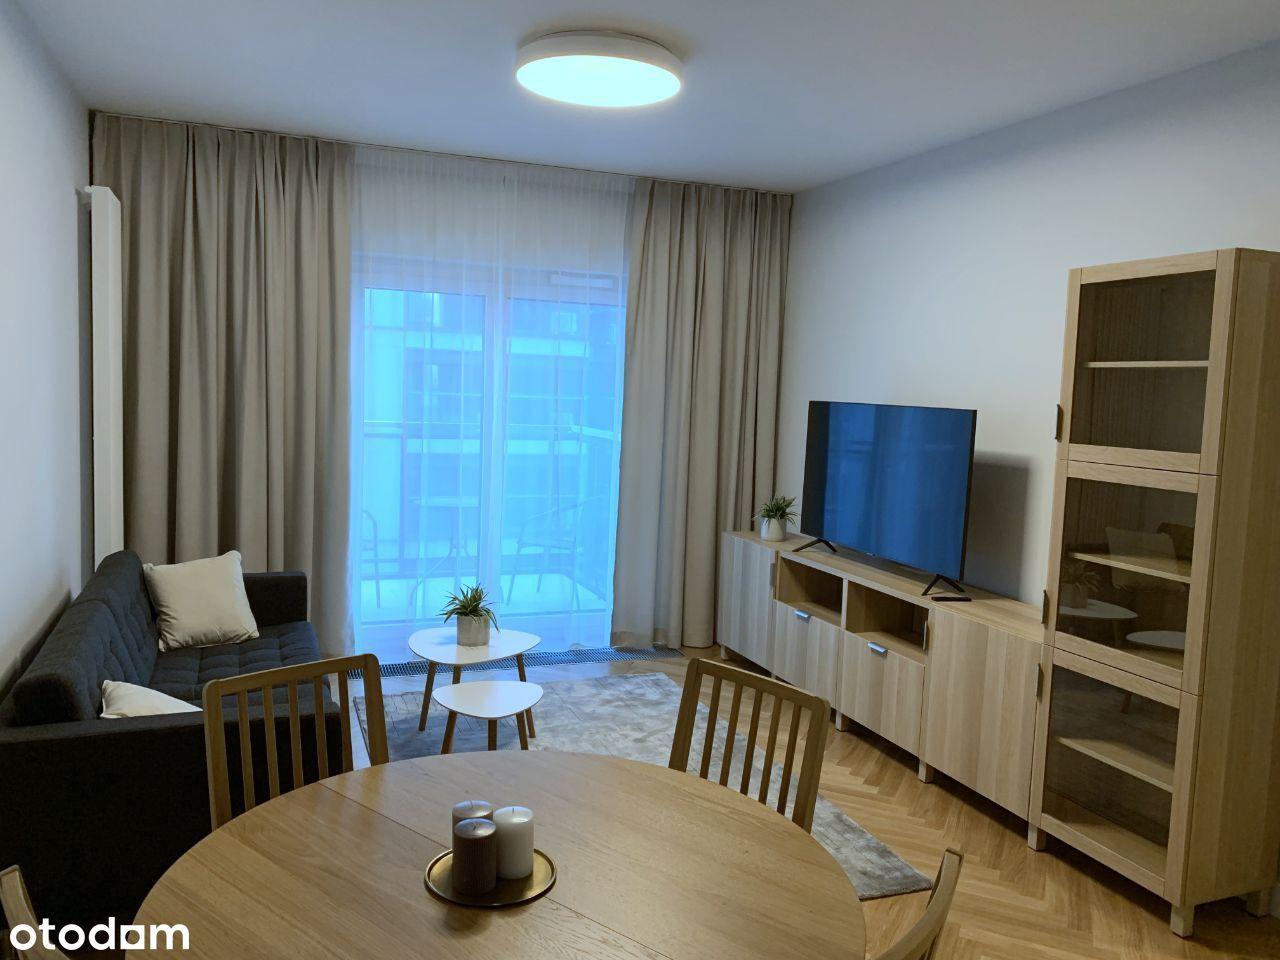 Nowe mieszkanie 3 pok. w osiedlu Mennica Residence